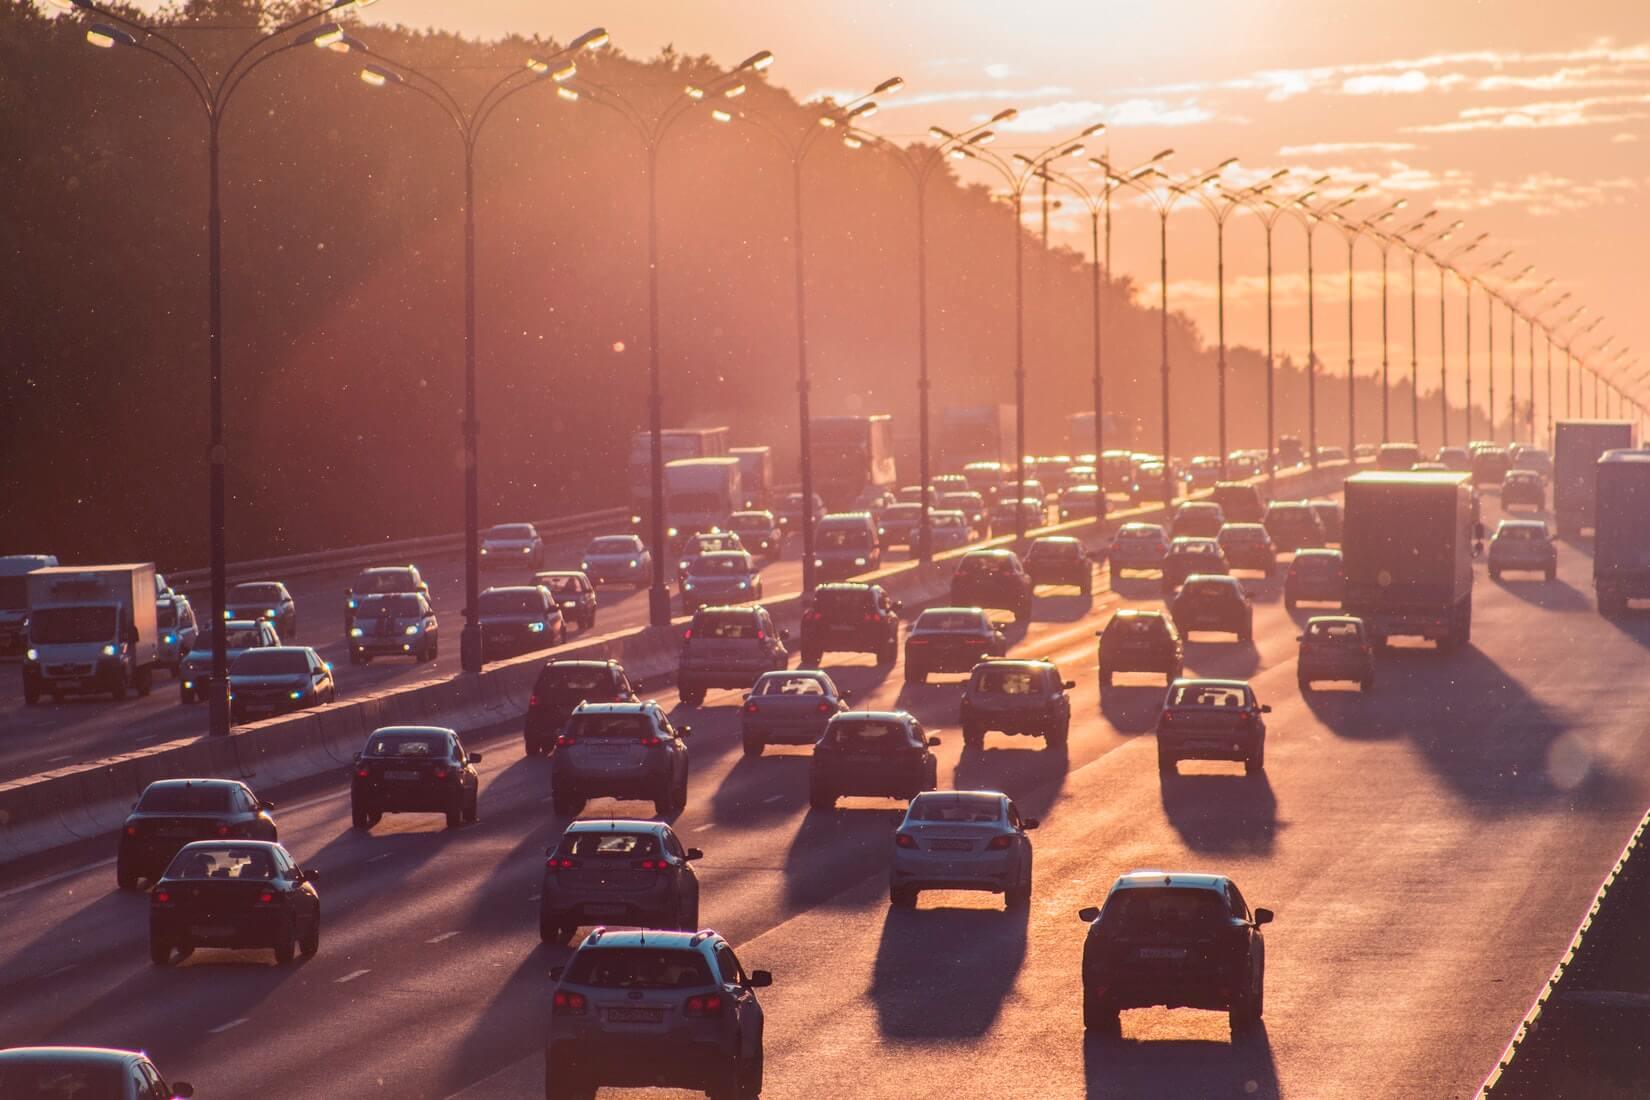 Luchtvervuiling verhoogt waarschijnlijk kans op dementie